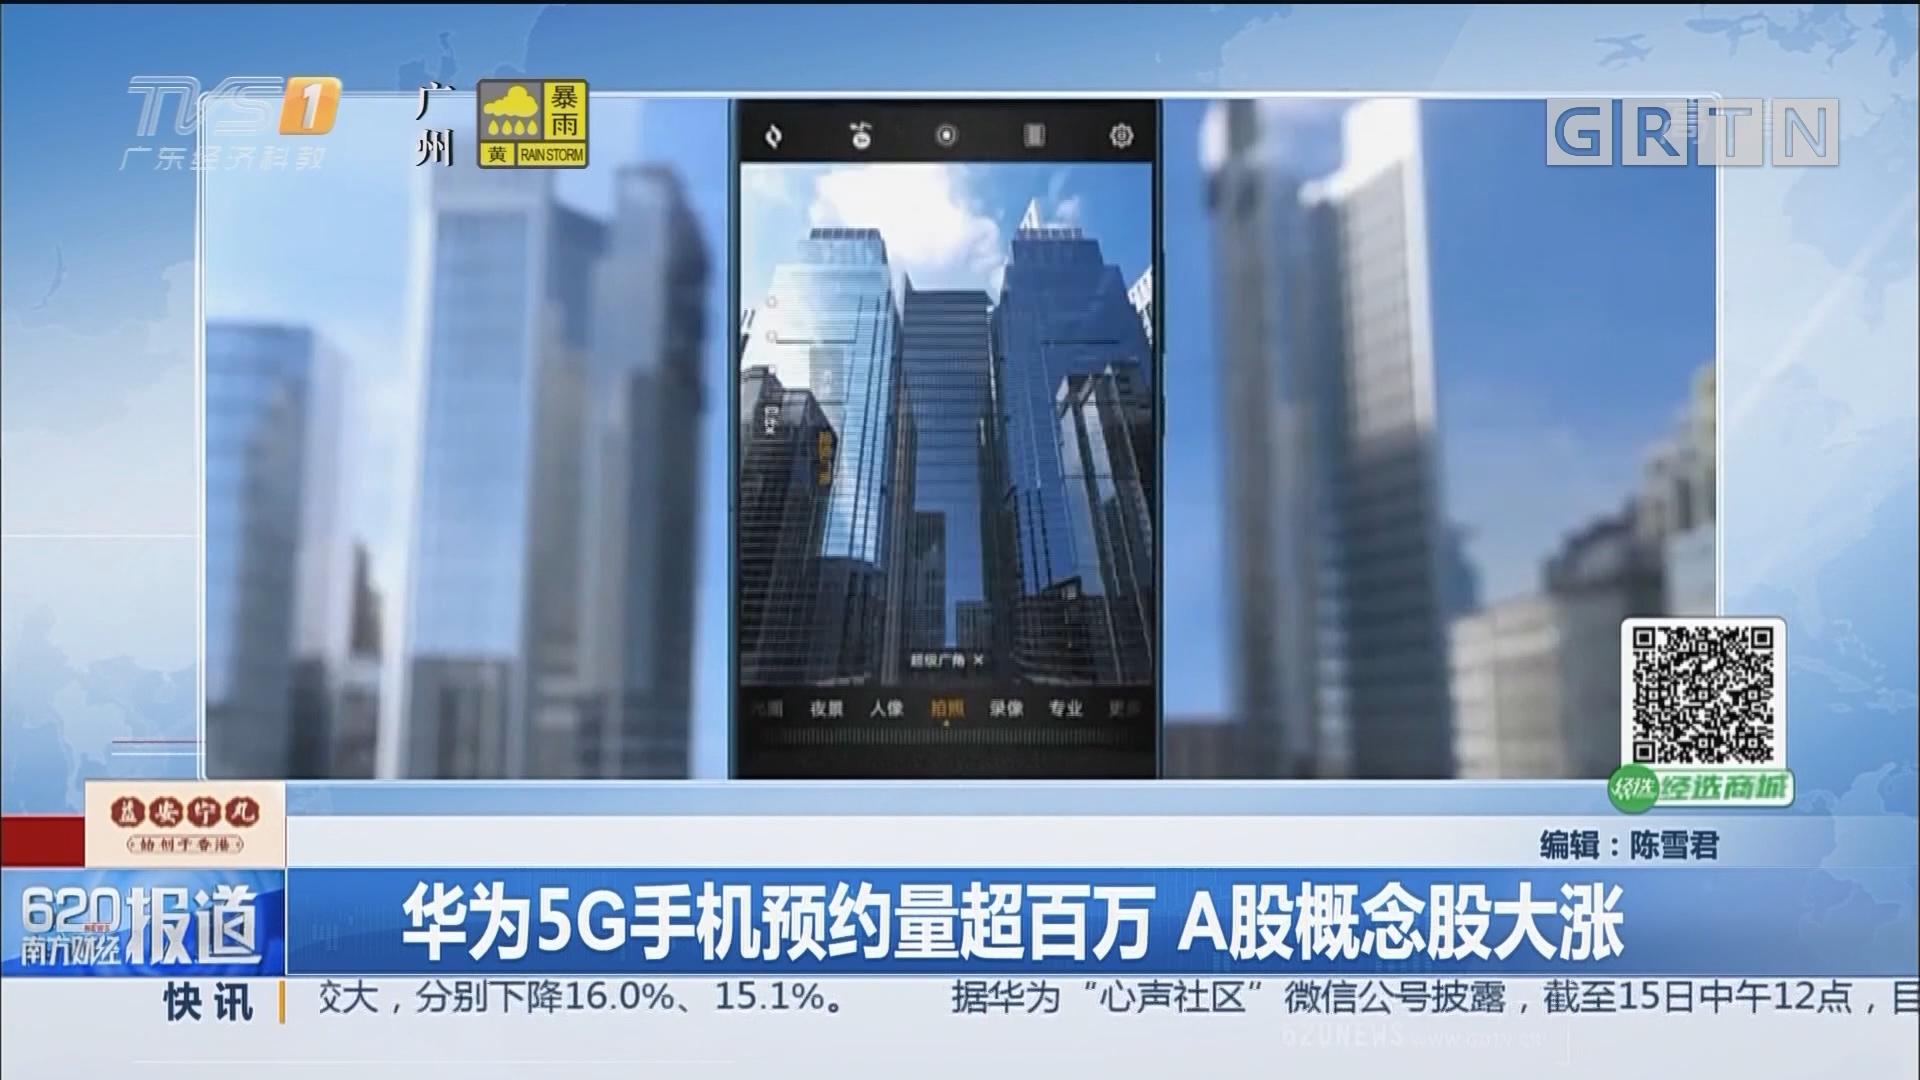 华为5G手机预约量超百万 A股概念股大涨